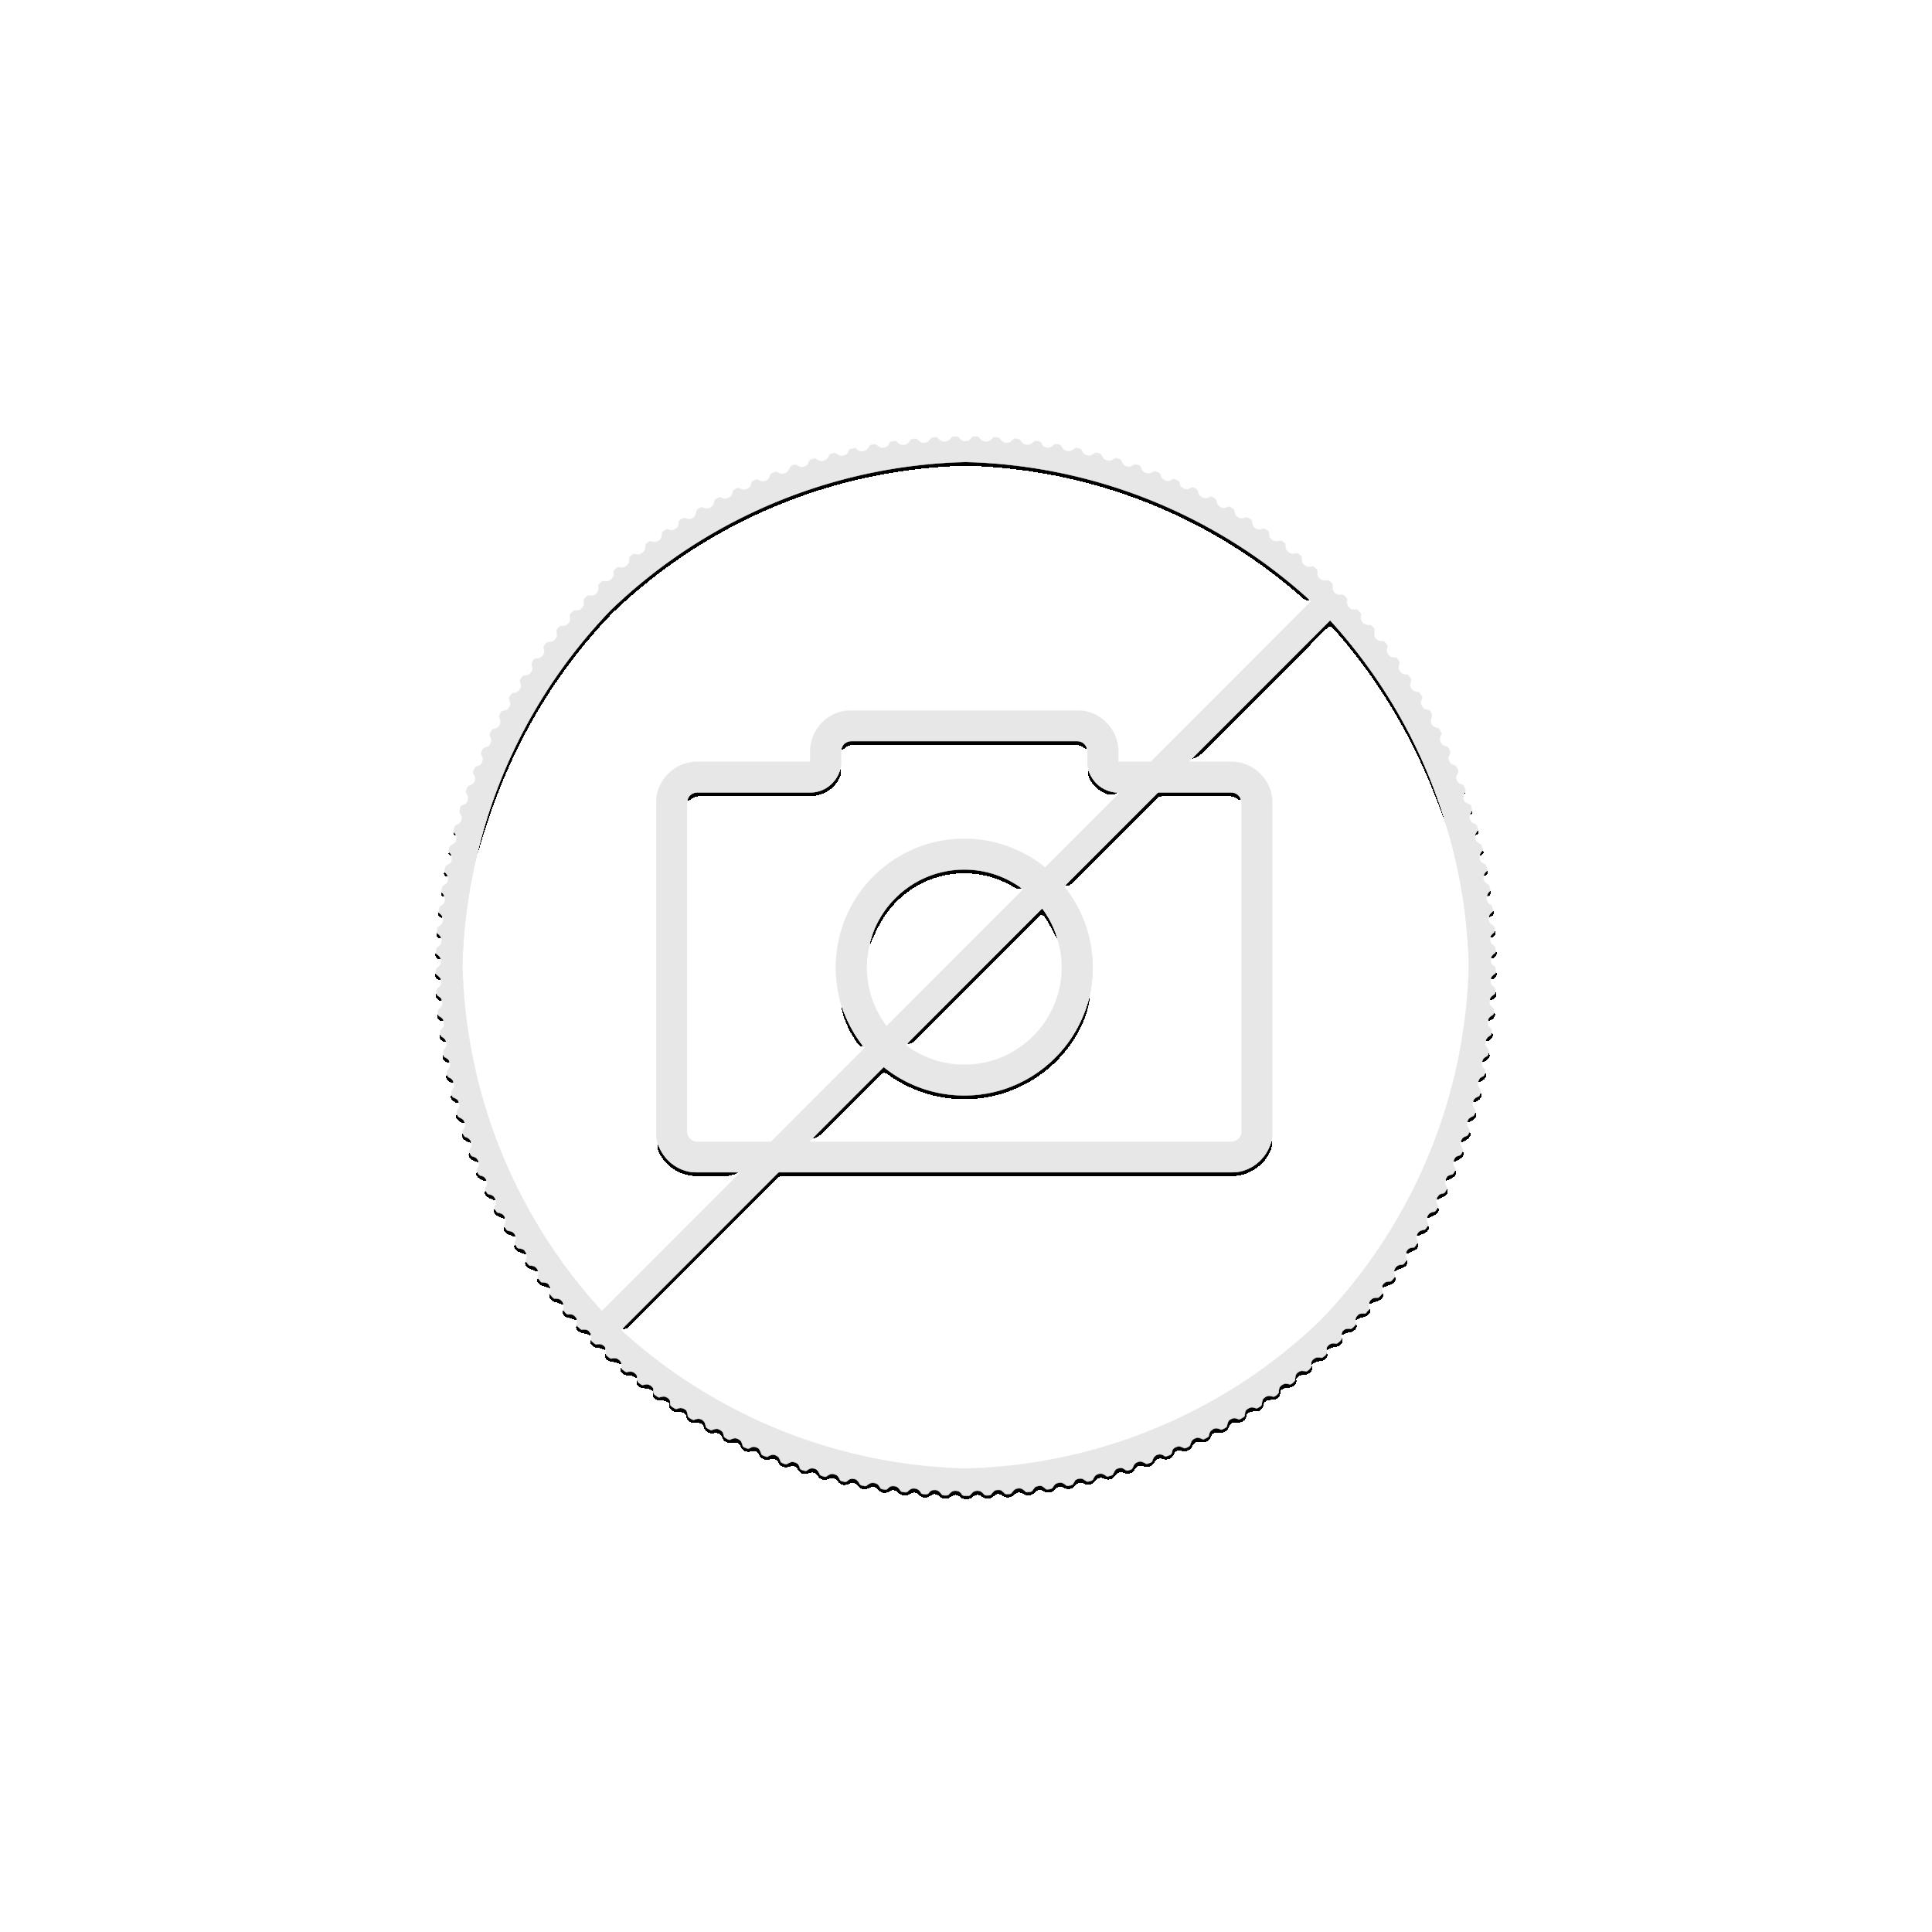 Gold 1/10 troy ounce golden Kangaroo coin 2020